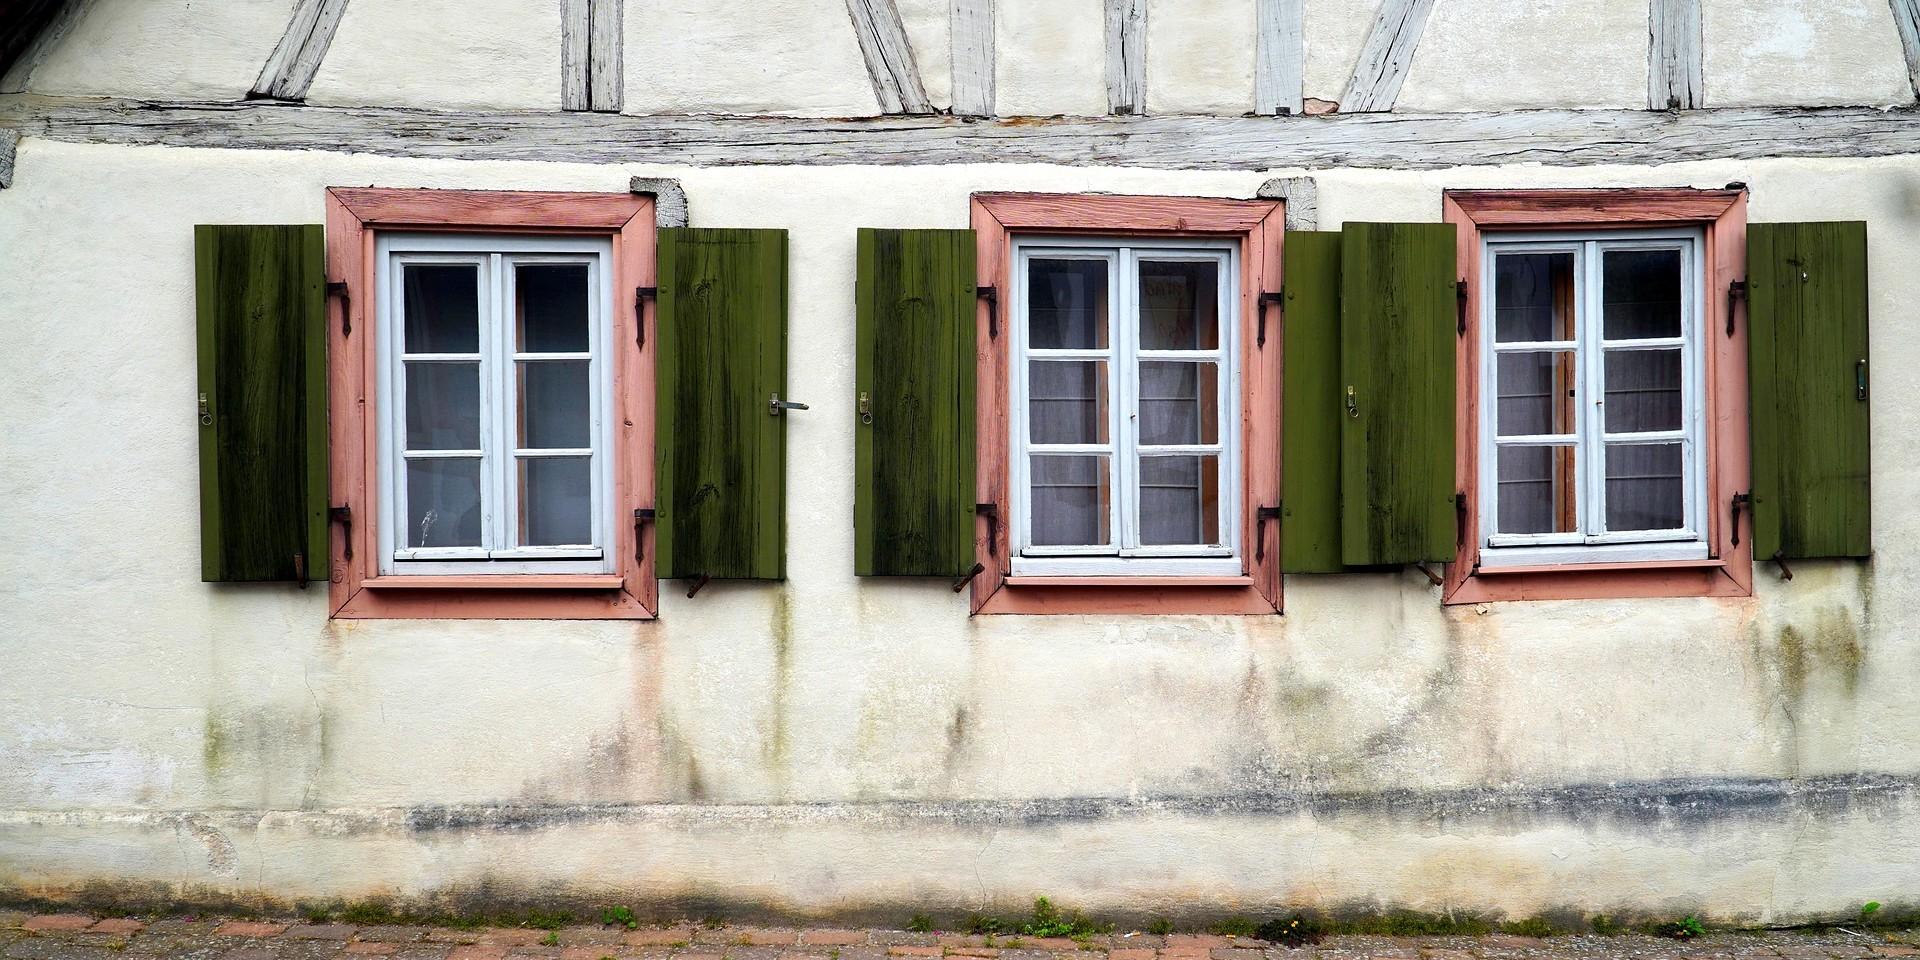 Hrvatski gradić objavio da prodaje napuštene kuće za jednu kunu